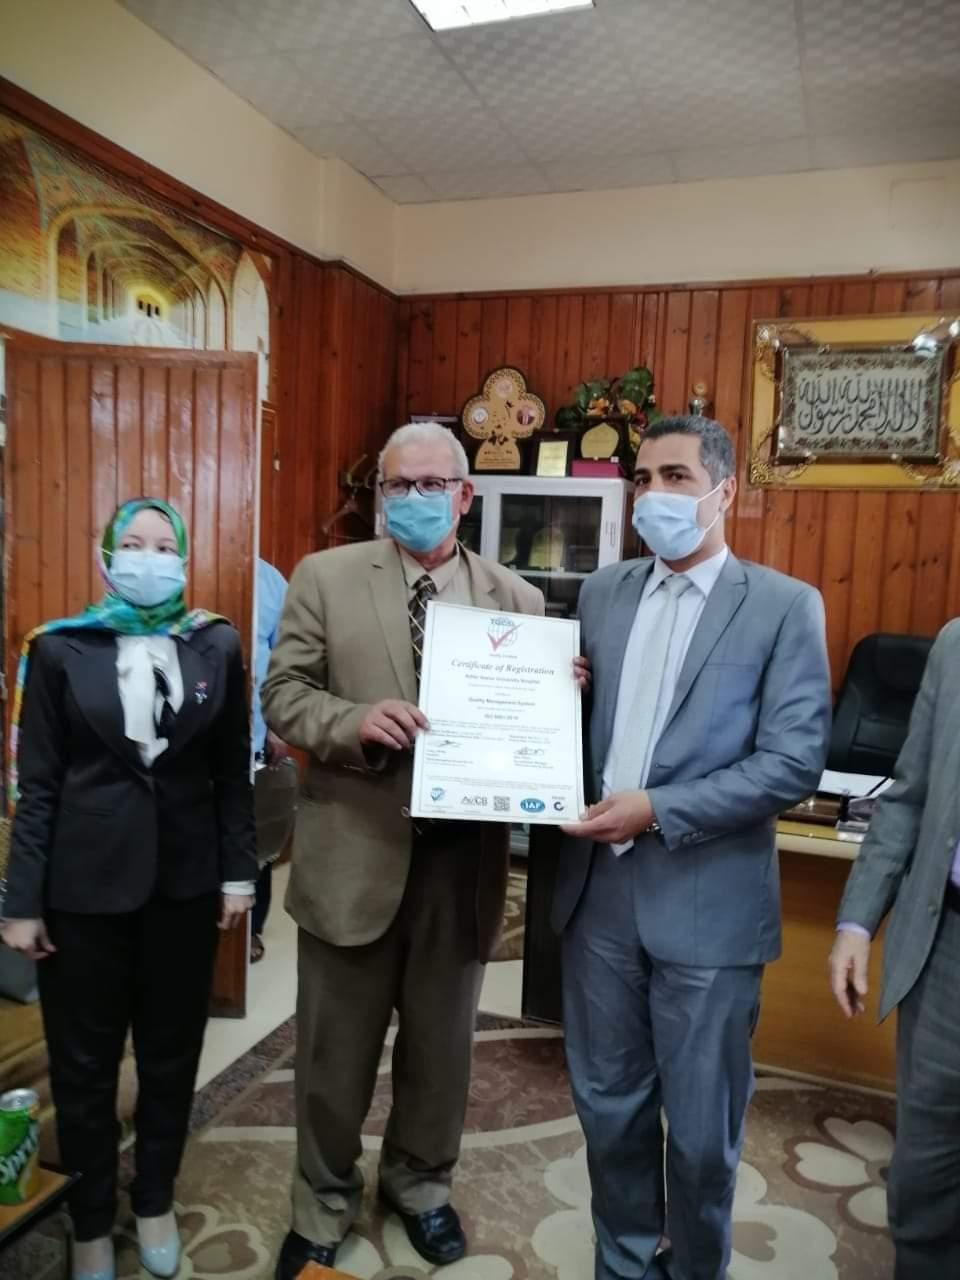 مستشفى جامعة الأزهر بأسيوط تحصل على شهادة اعتماد المعايير الدولية في مجال النظم الإدارية